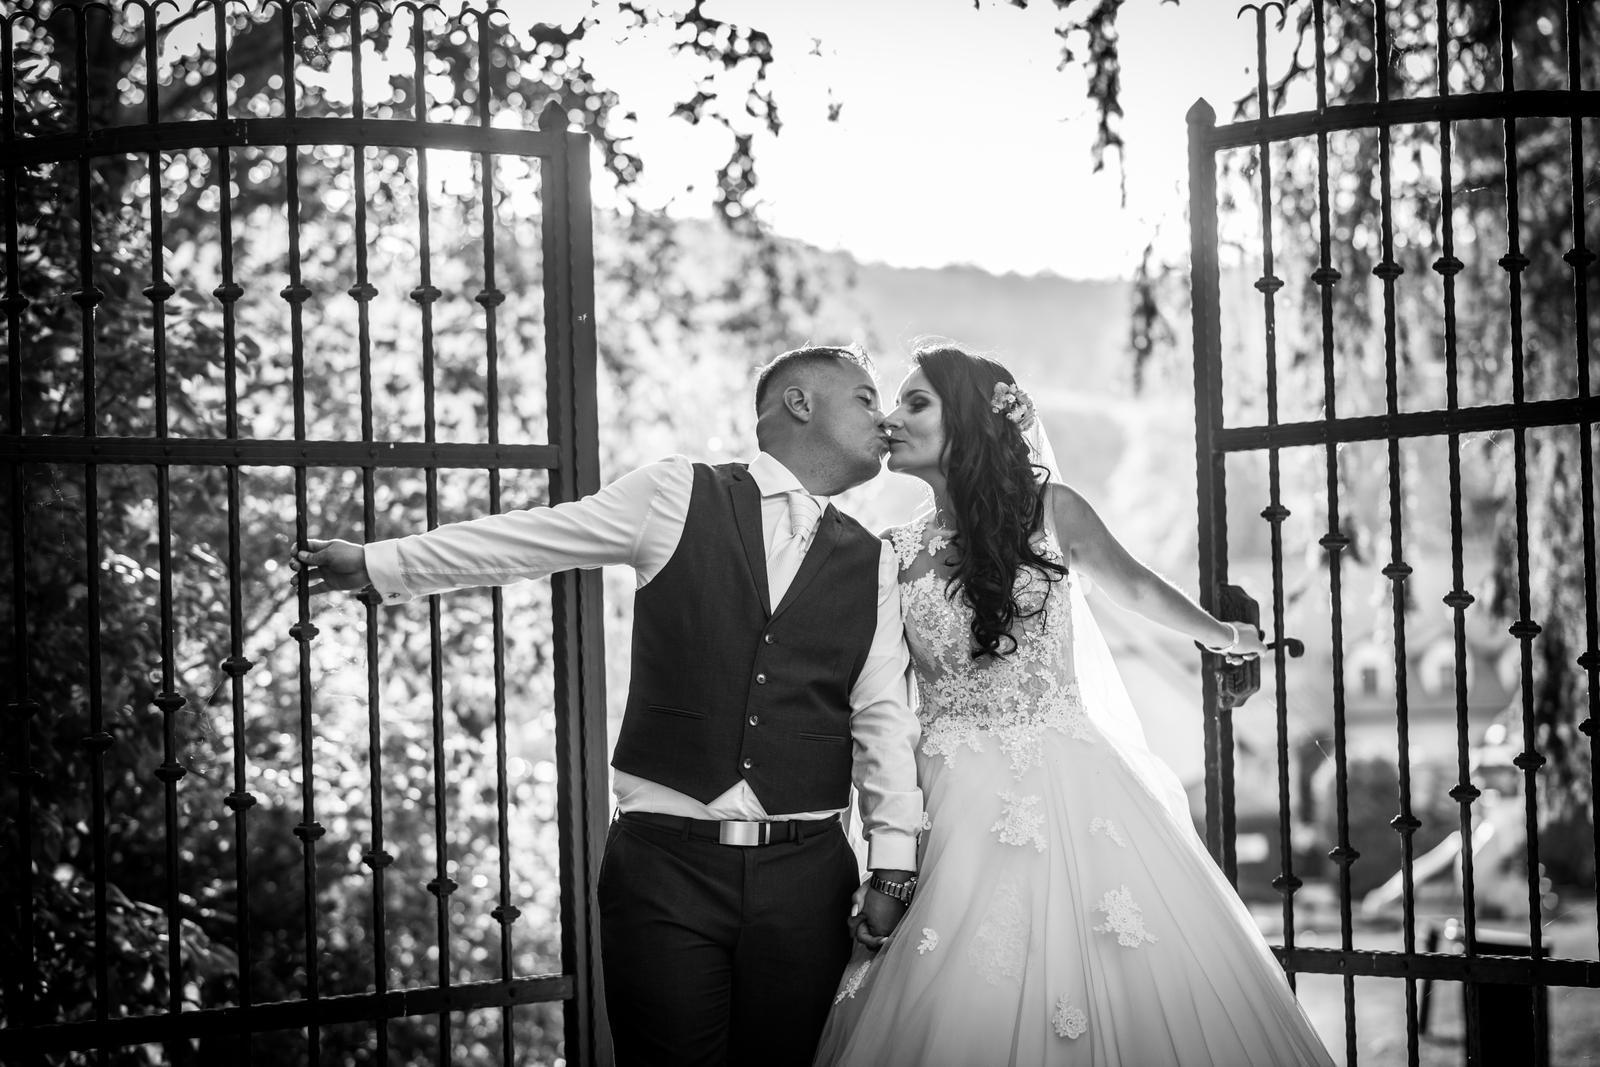 Svadba na mlýně ♥ 18.8.2018 ♥ - Obrázok č. 2